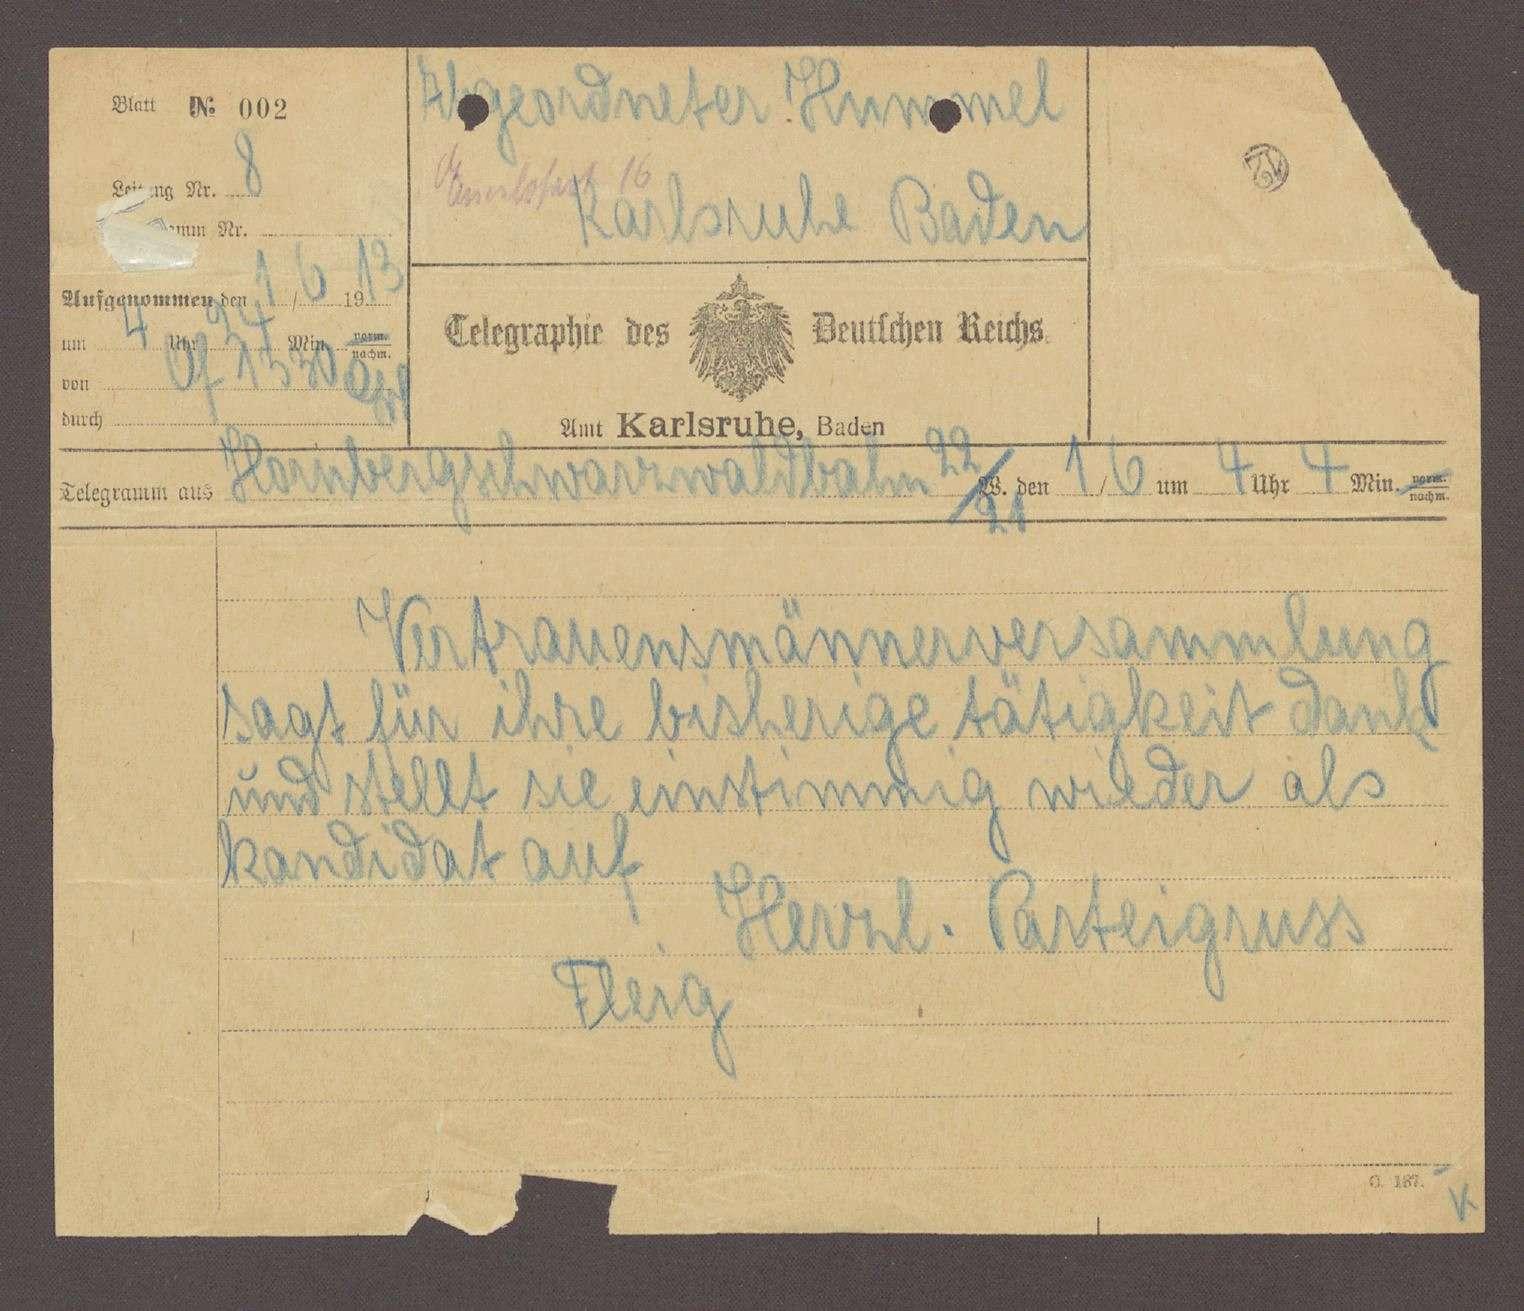 Telegramm von Oskar Fleig, Triberg, an Hermann Hummel, 1 Telegramm Unterstützung der Wahlmänner für Hermann Hummel, Bild 1